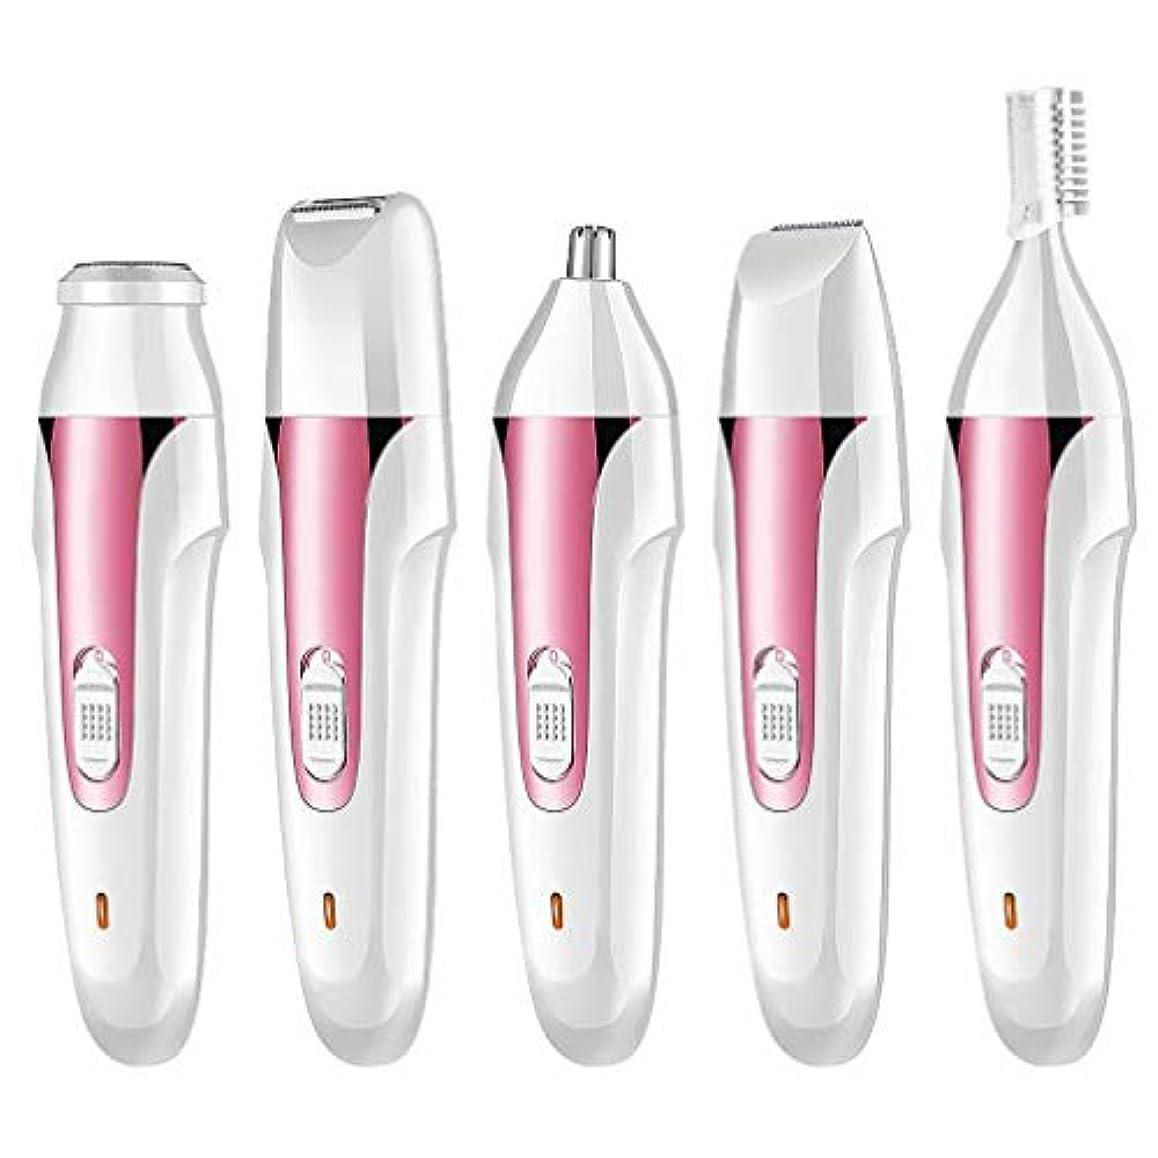 電動鼻毛トリマー - USB充電器、電動脱毛器具、シェービングナイフ、リップヘア、眉毛形削りナイフ、5つ1つ、ユニセックス、 (Color : Pink)